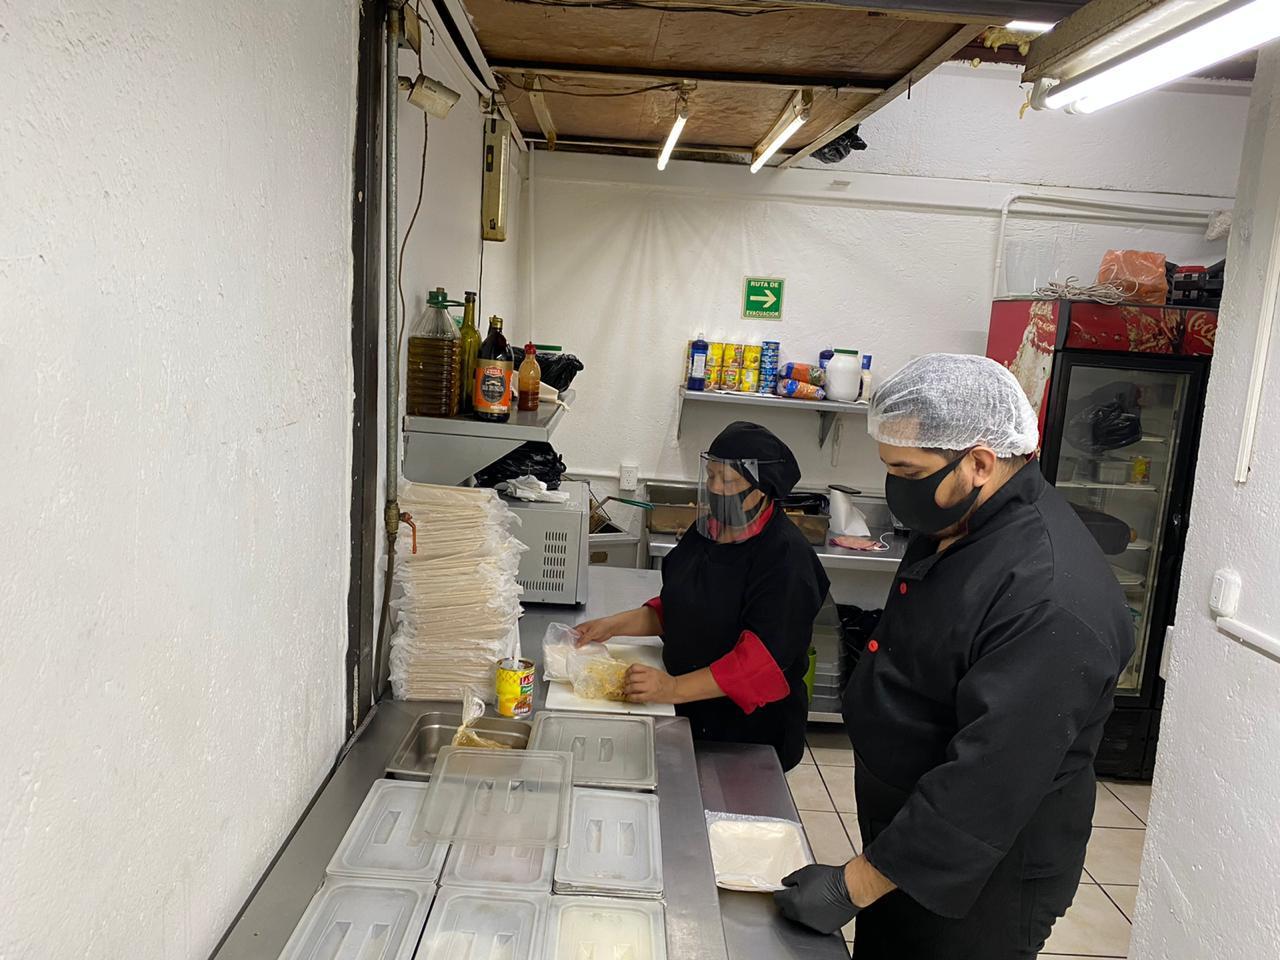 Esperan Restaurantes Incrementos en Ventas por Día del Padre hasta del 40%